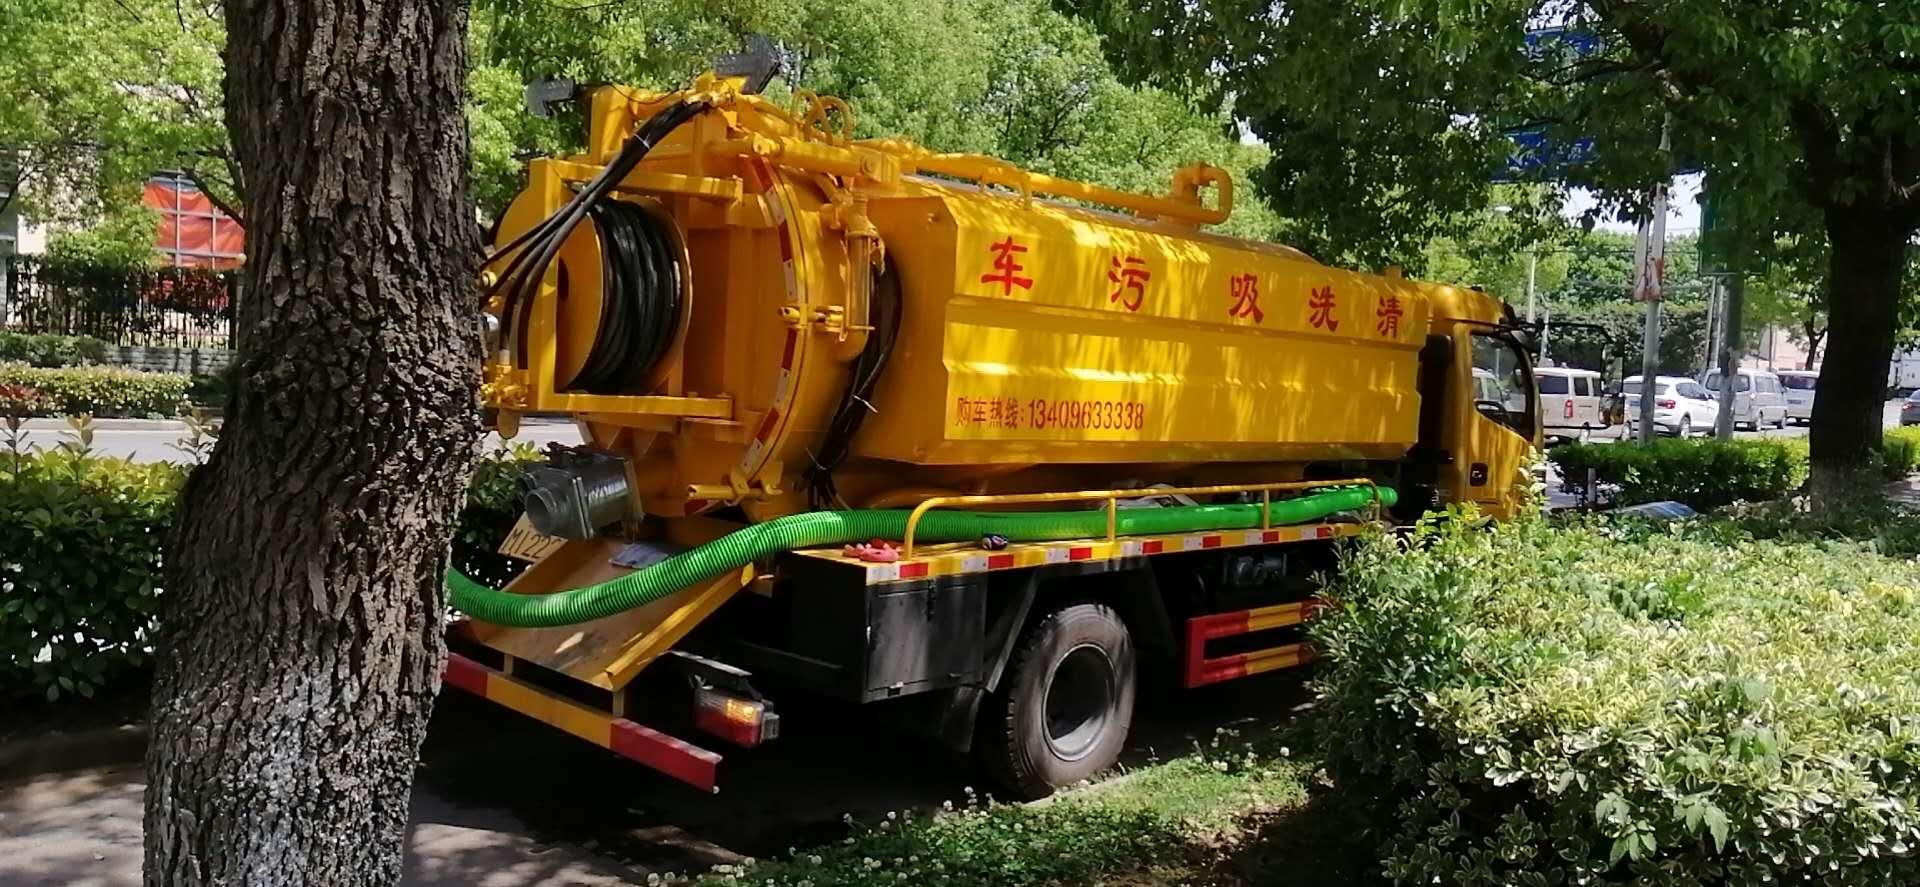 上海市专业泥桨吸抽载运